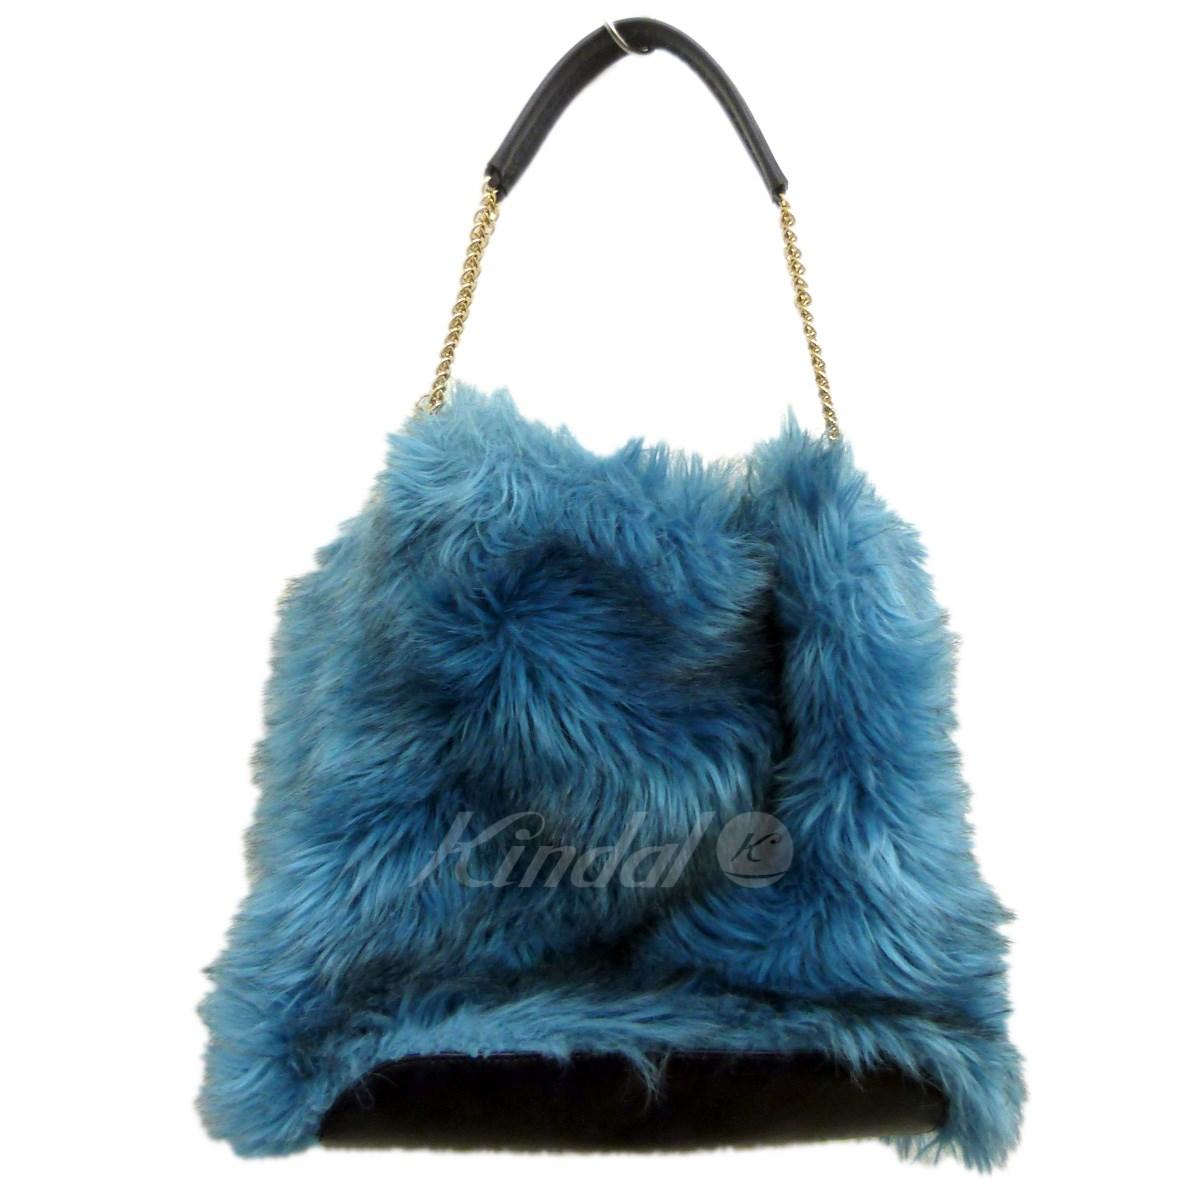 【中古】STELLA McCARTNEY フェイクファーチェーンバッグ ブルー サイズ:- 【送料無料】 【201018】(ステラマッカートニー)